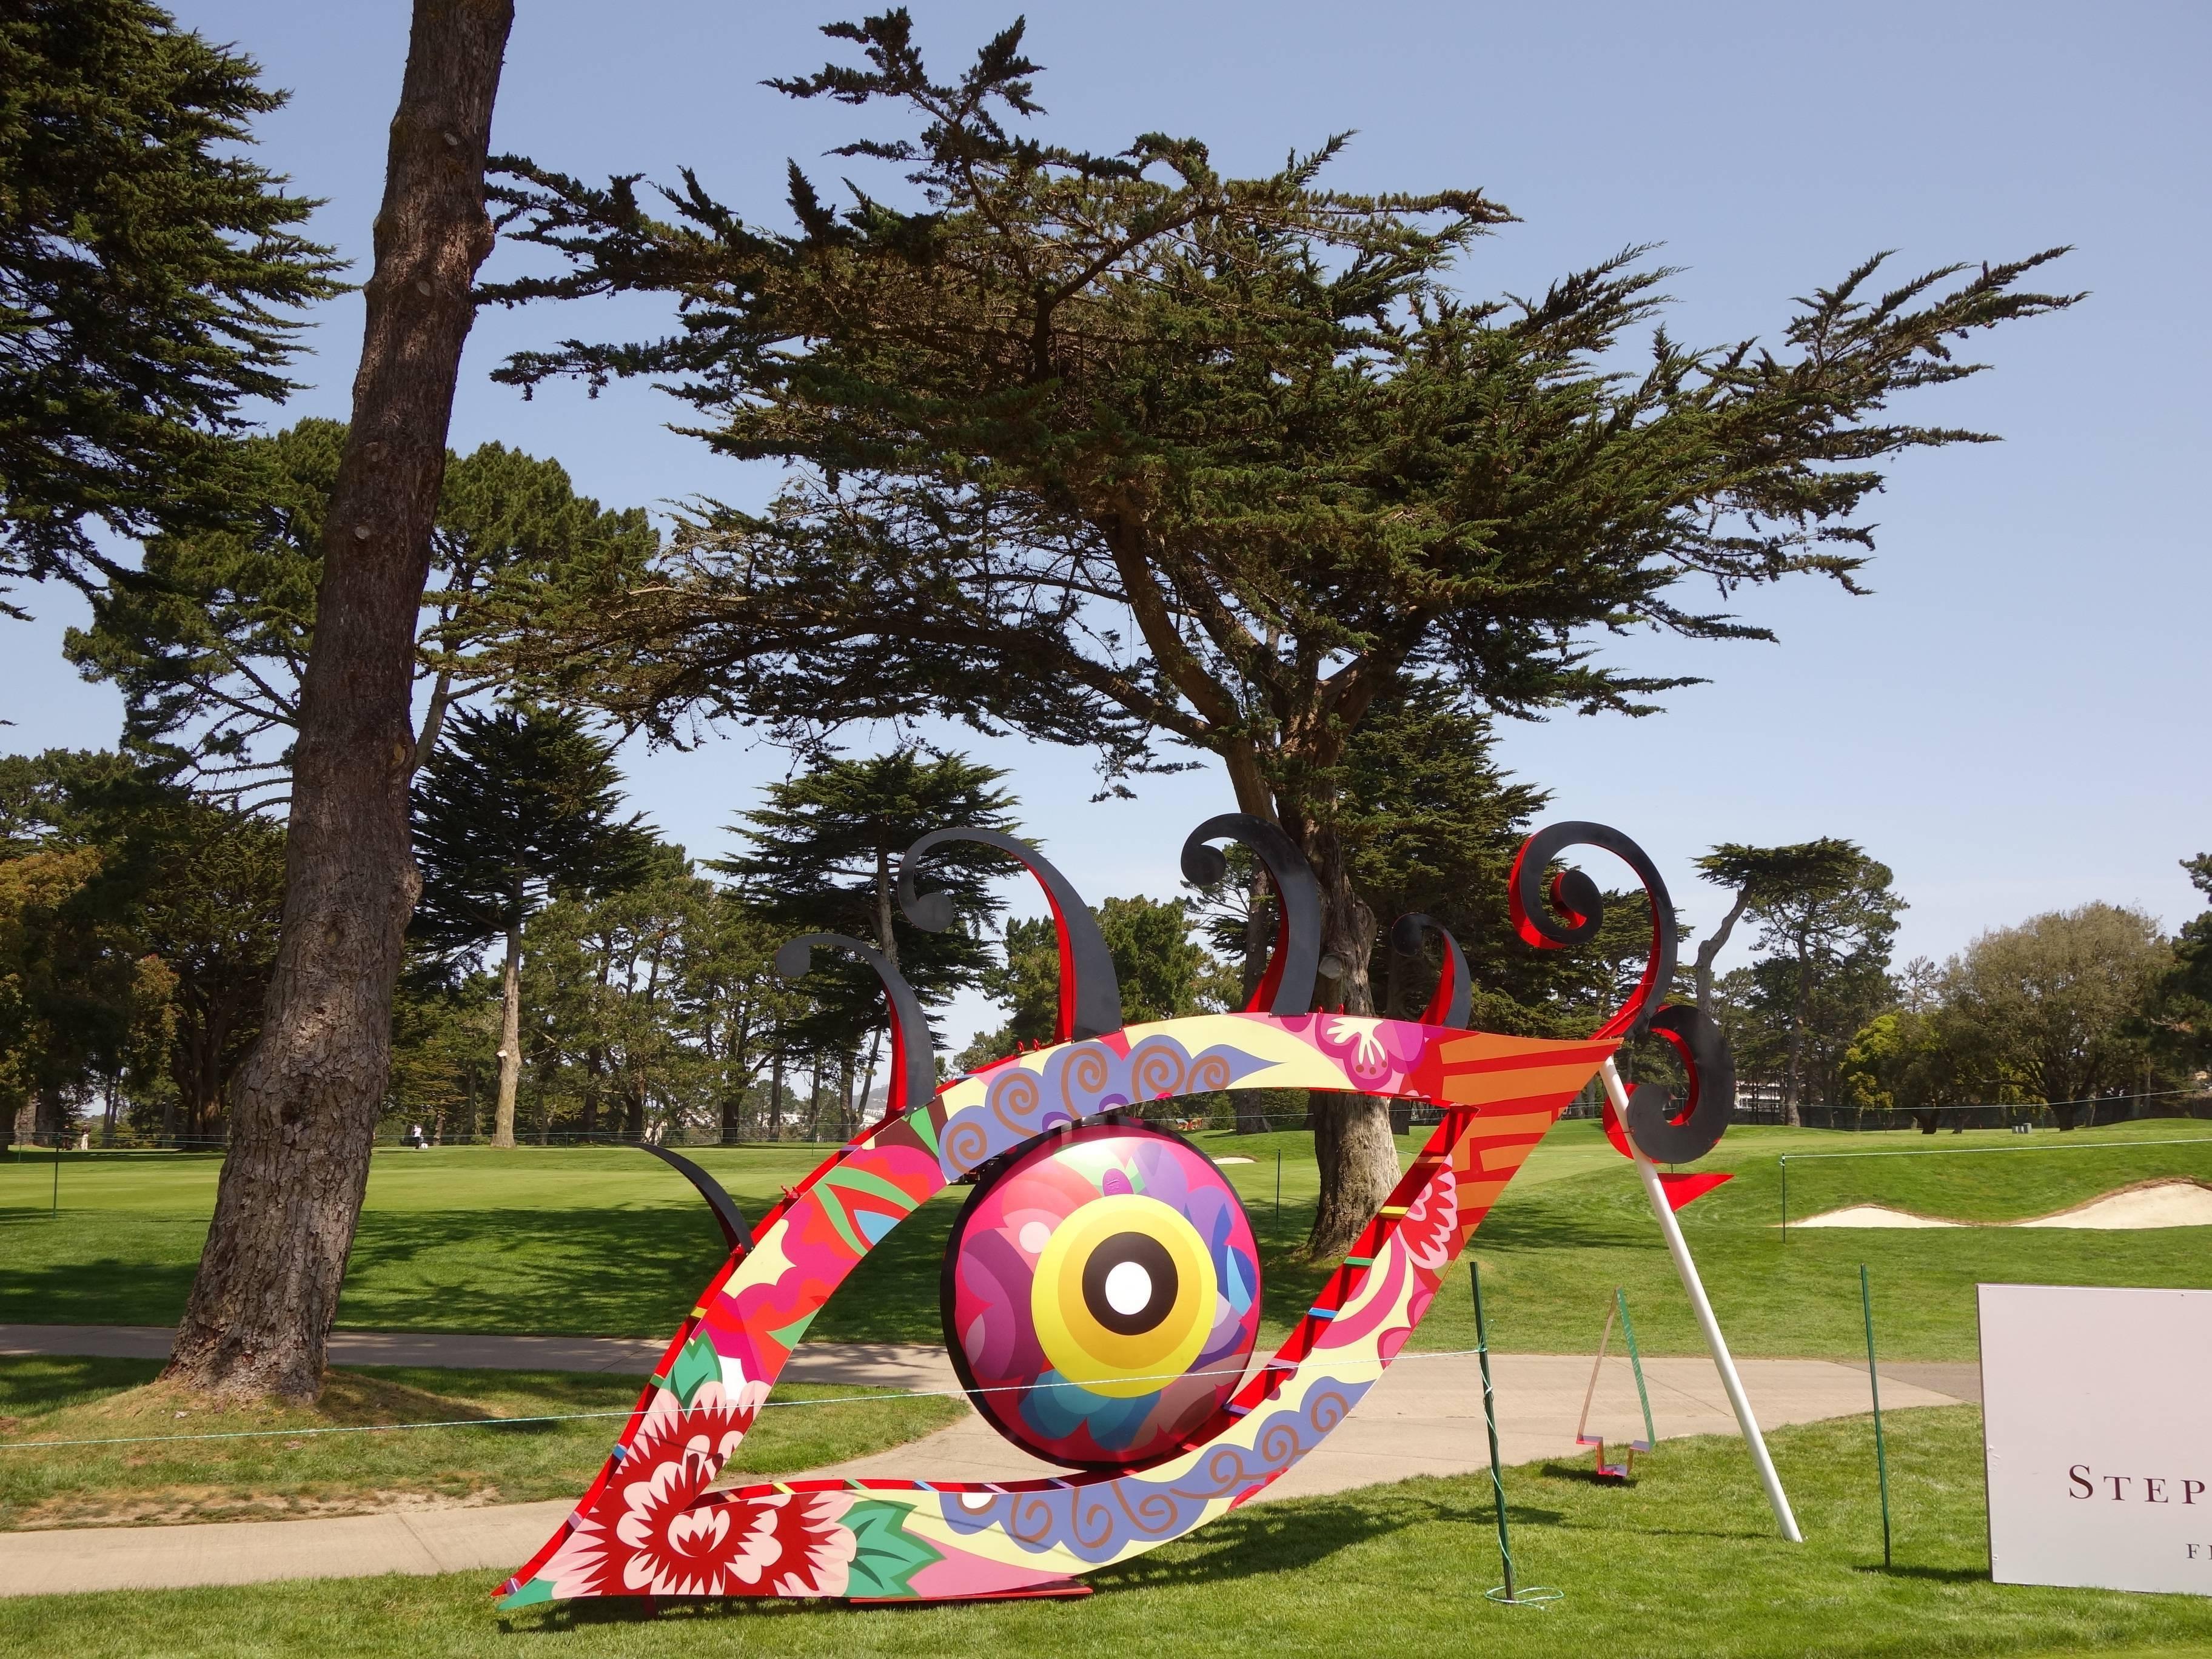 舊金山默賽德湖球場,18洞公共藝術 - 媚力之眼